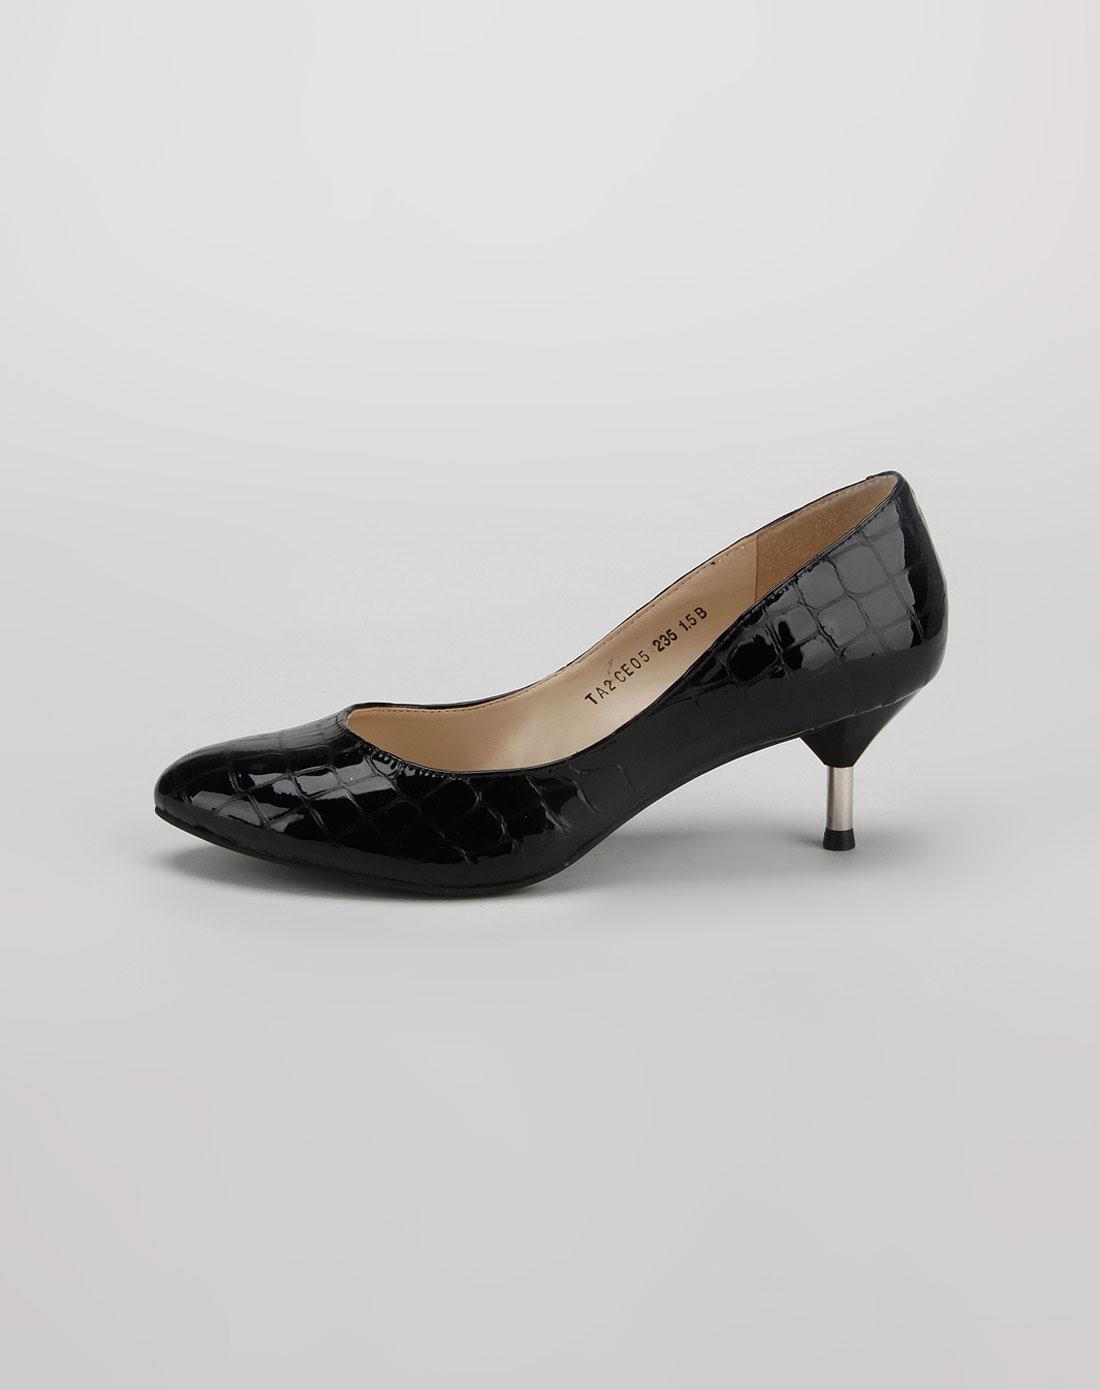 他她tata黑色蛇皮高跟鞋_唯品会名牌时尚折扣网